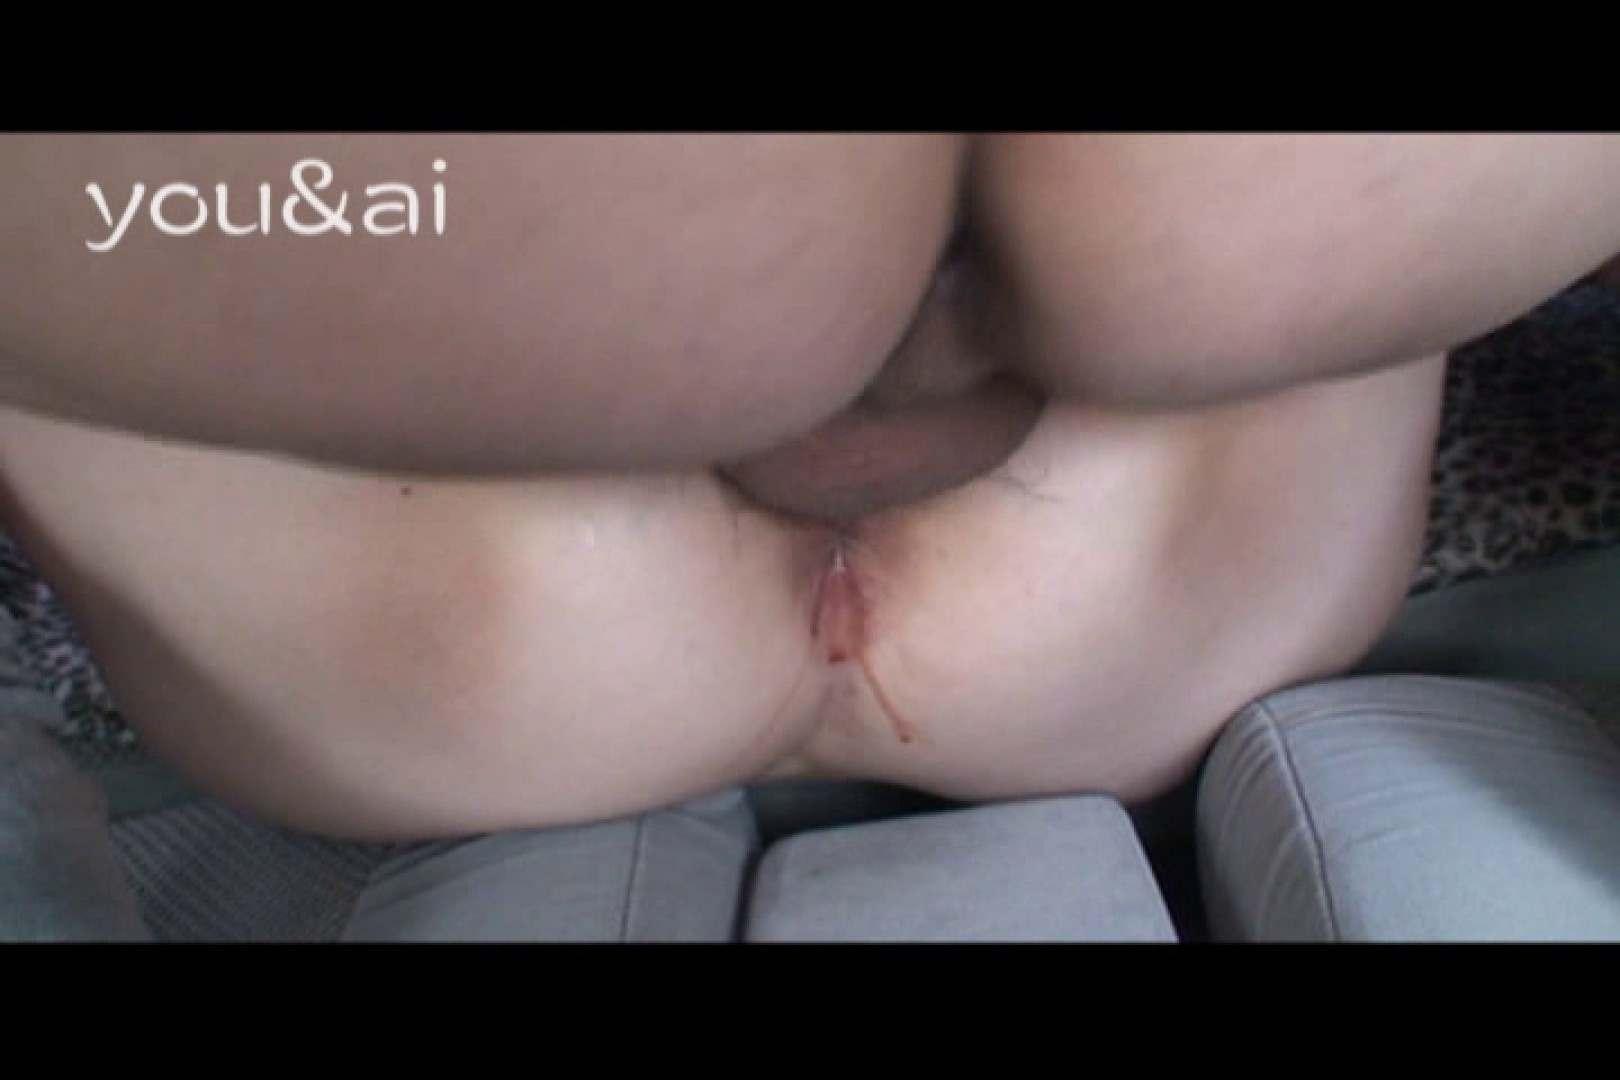 おしどり夫婦のyou&aiさん投稿作品vol.14 車 隠し撮りオマンコ動画紹介 95連発 63